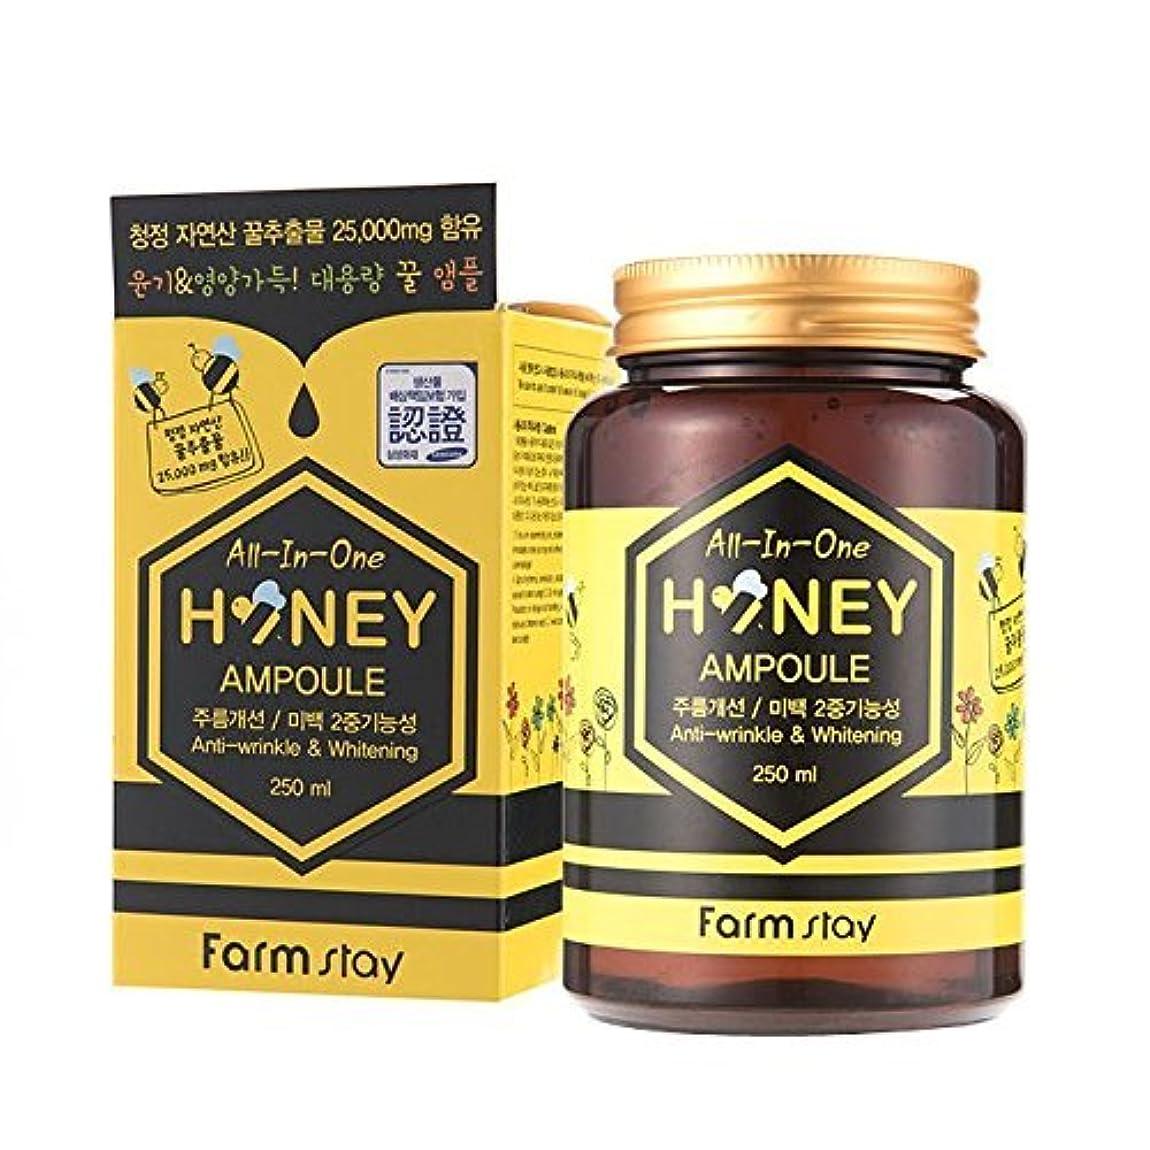 有効化巧みなポットファームステイ[韓国コスメFarm Stay]All In One Honey Ampoule オールインワンハニーアンプル250ml/ローヤルゼリー、プロポリス [並行輸入品]